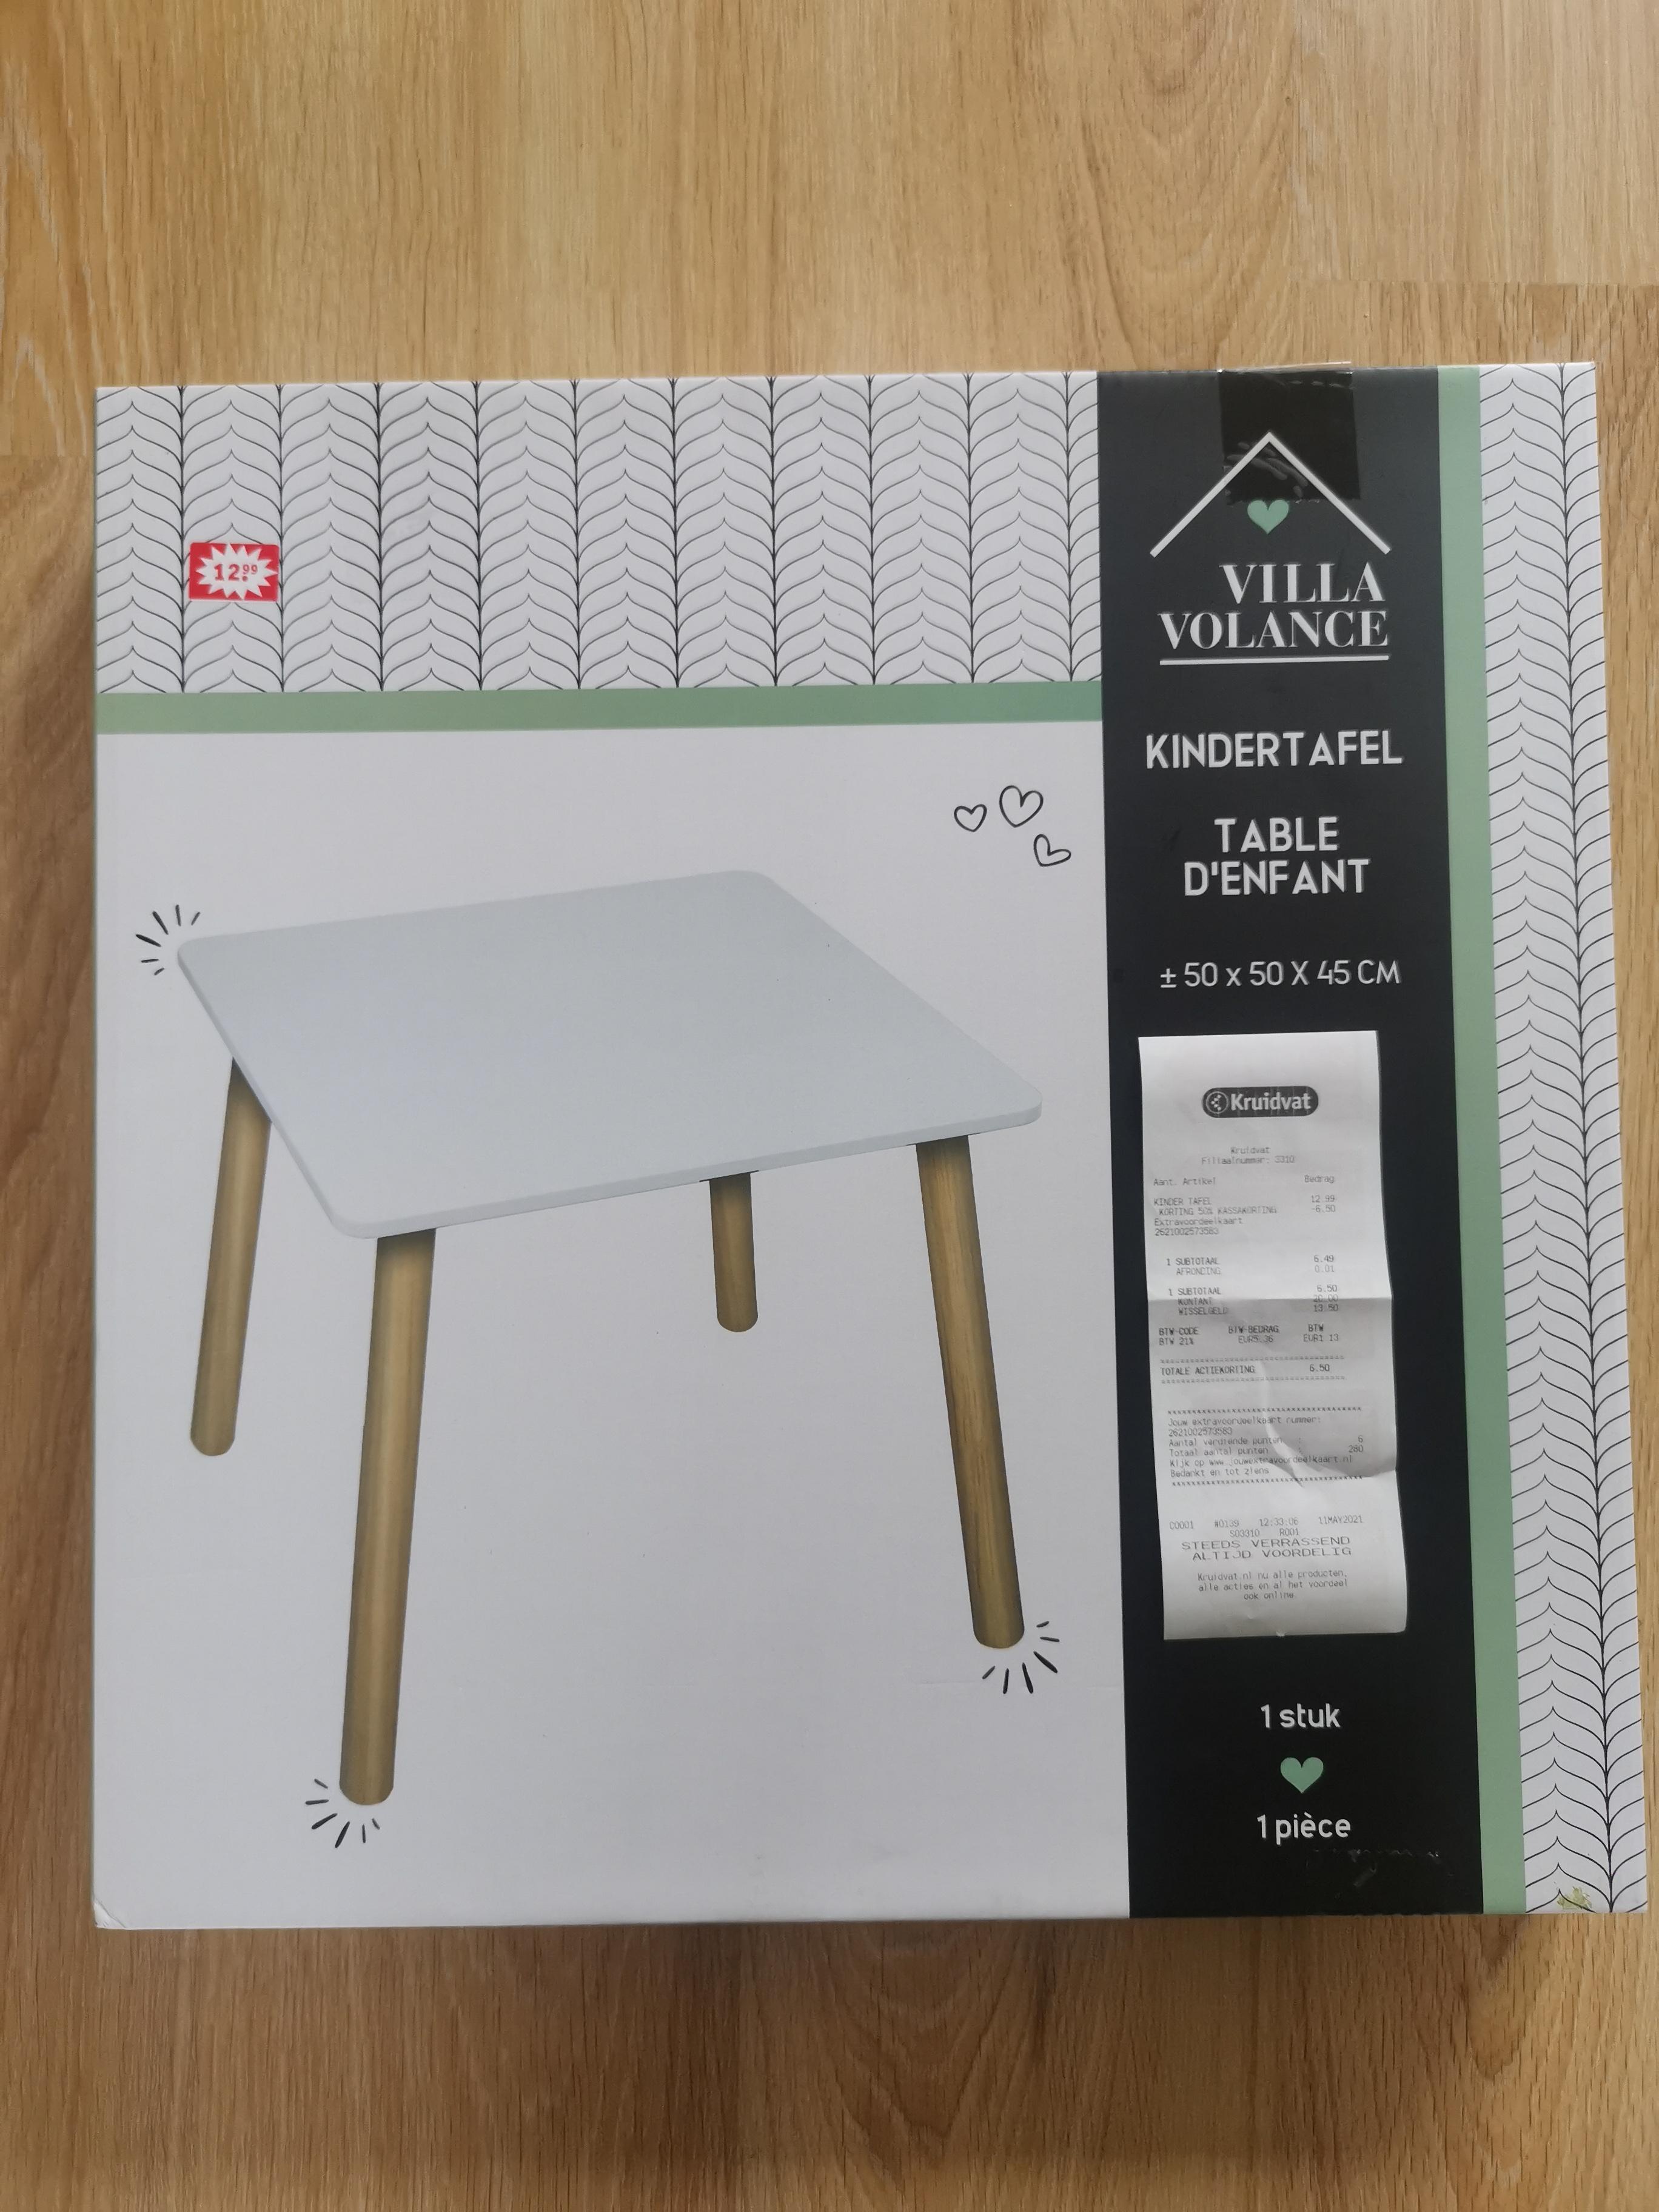 Kindertafel van Vila Vollance €6,49 @Kruidvat